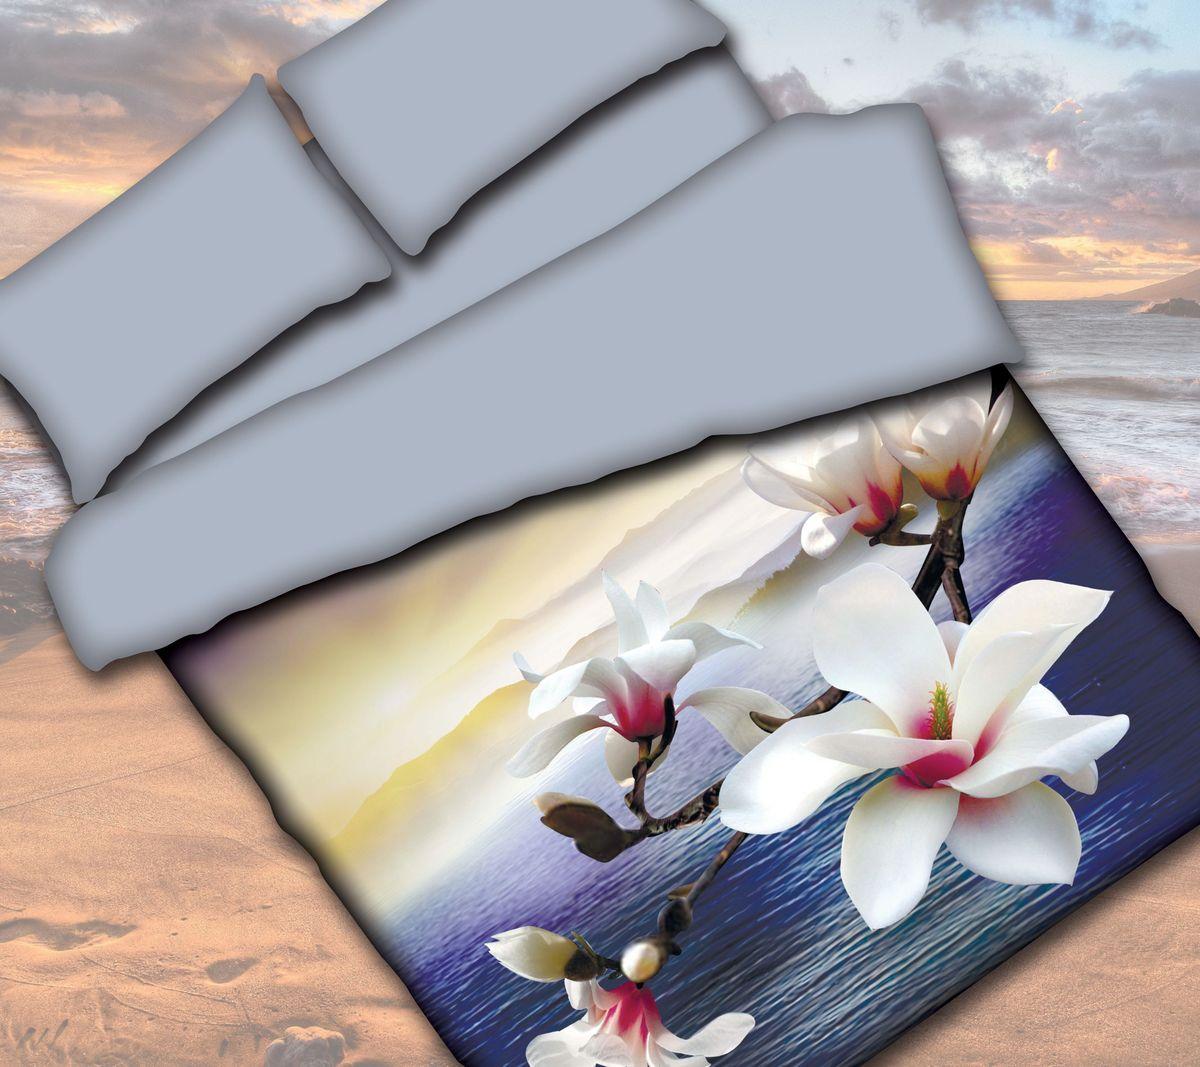 Комплект белья Коллекция Орхидея, 2,5-спальный, наволочки 70x70. СРП2,5/70/ОЗ/орхСРП2,5/70/ОЗ/орх